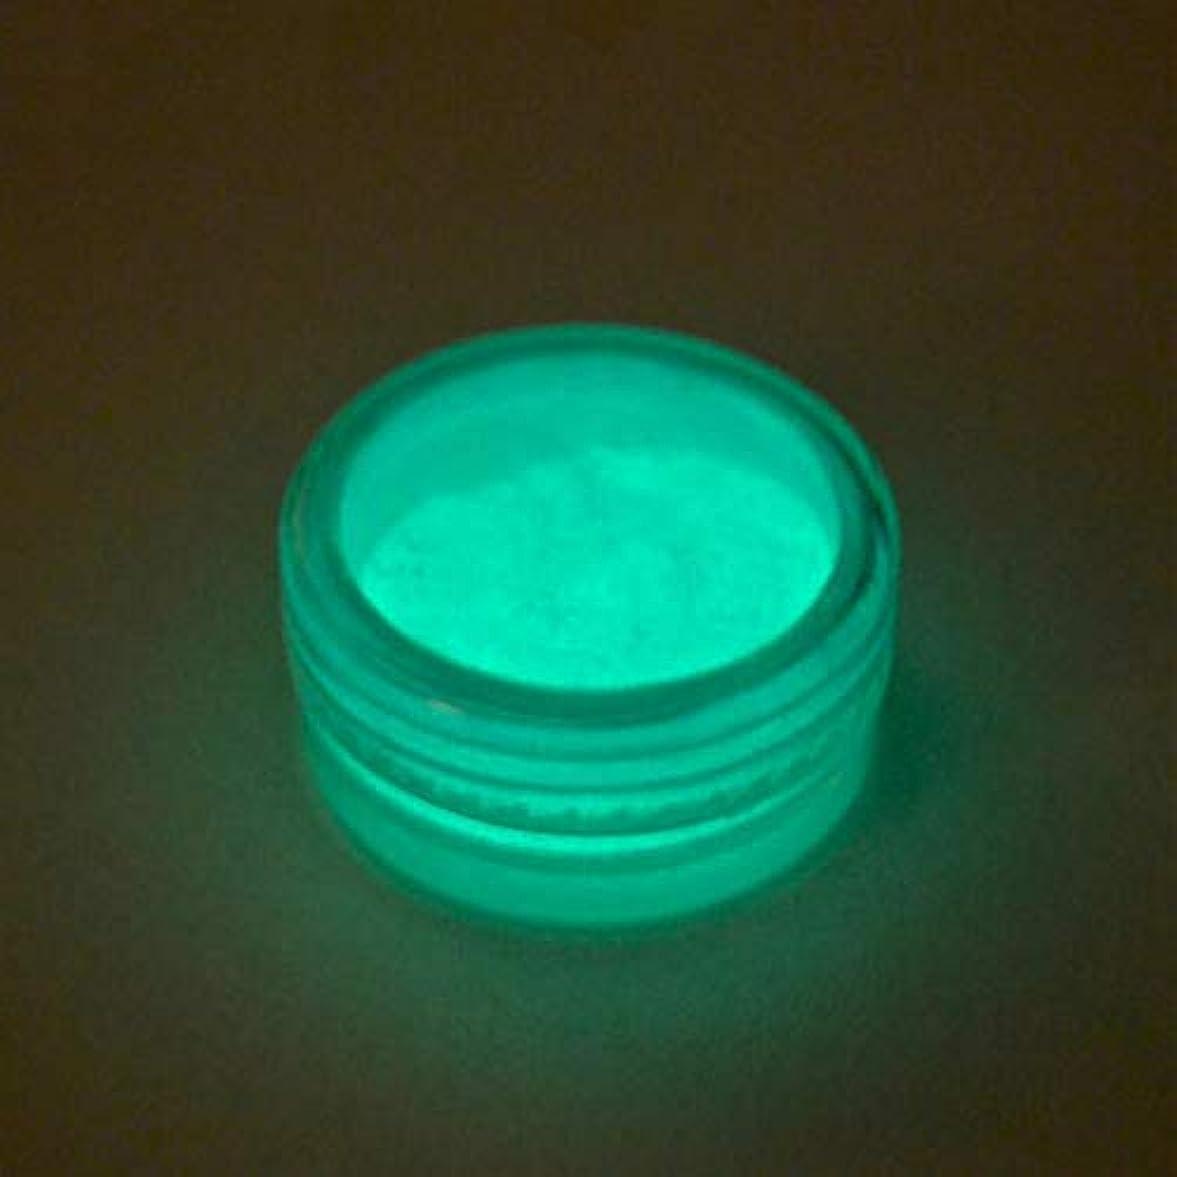 うそつき活気づく施設ダーク砂パウダー顔料ダストルミナスネイルグリッターホログラフィックグリッターで1個蛍光粉DIY明るいネイルアートグロー,6